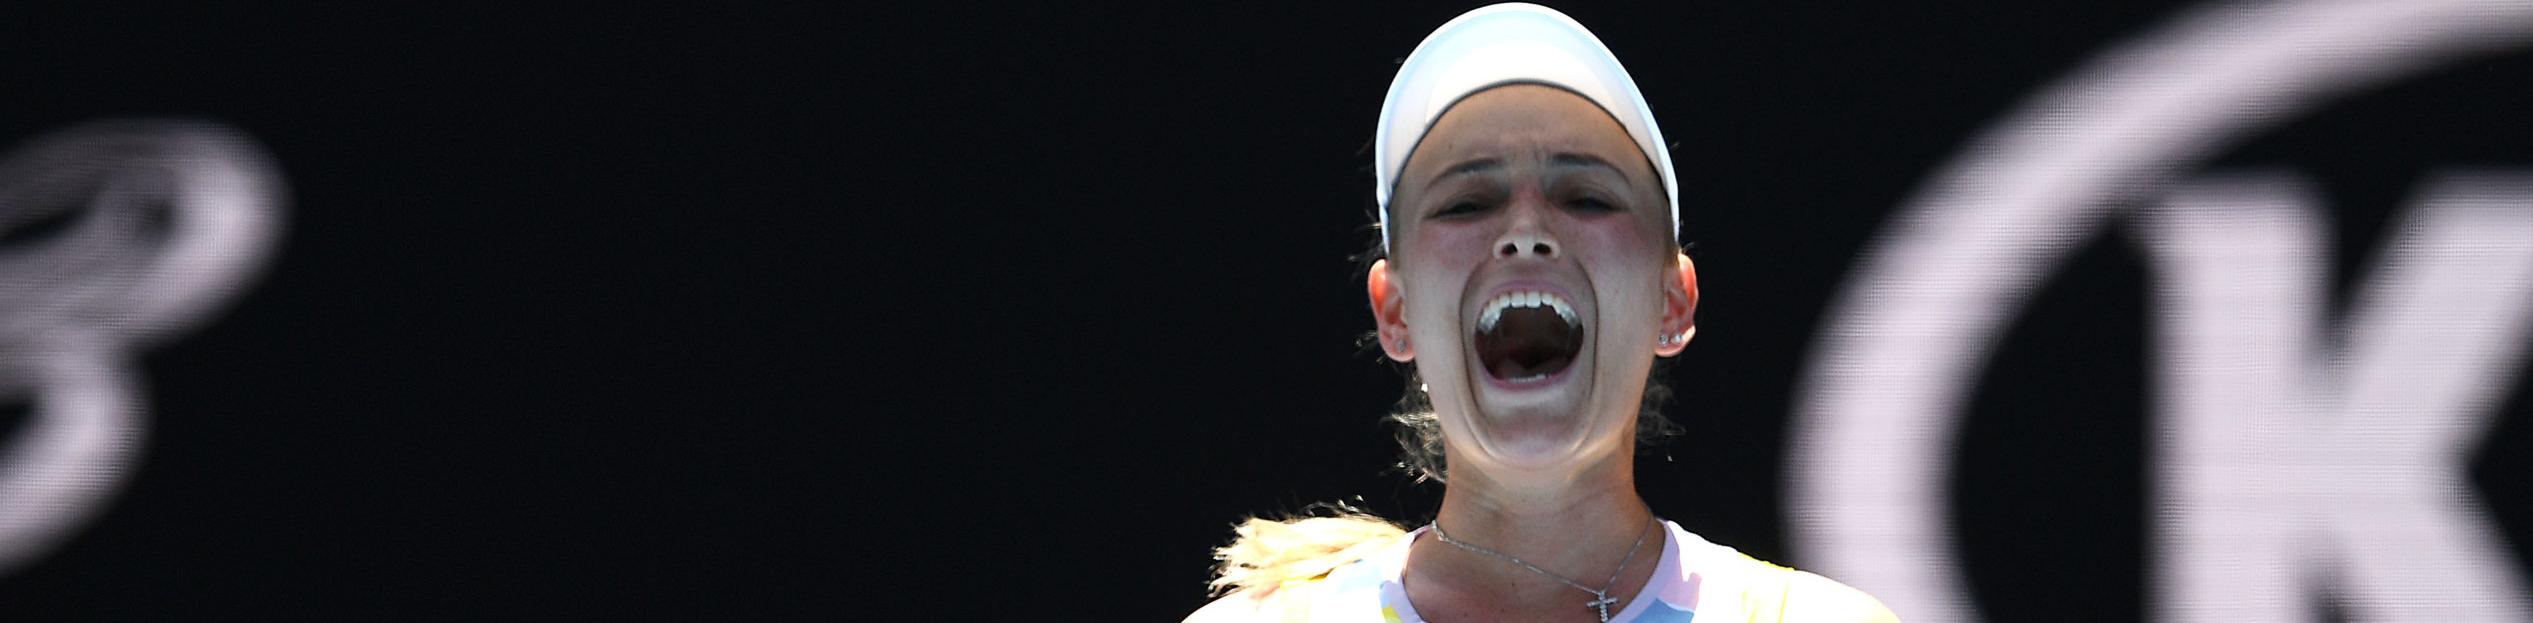 Australian Open, la dura vita dei vecchietti Karlovic e Anderson, occasione Vekic: tre consigli per il day 4